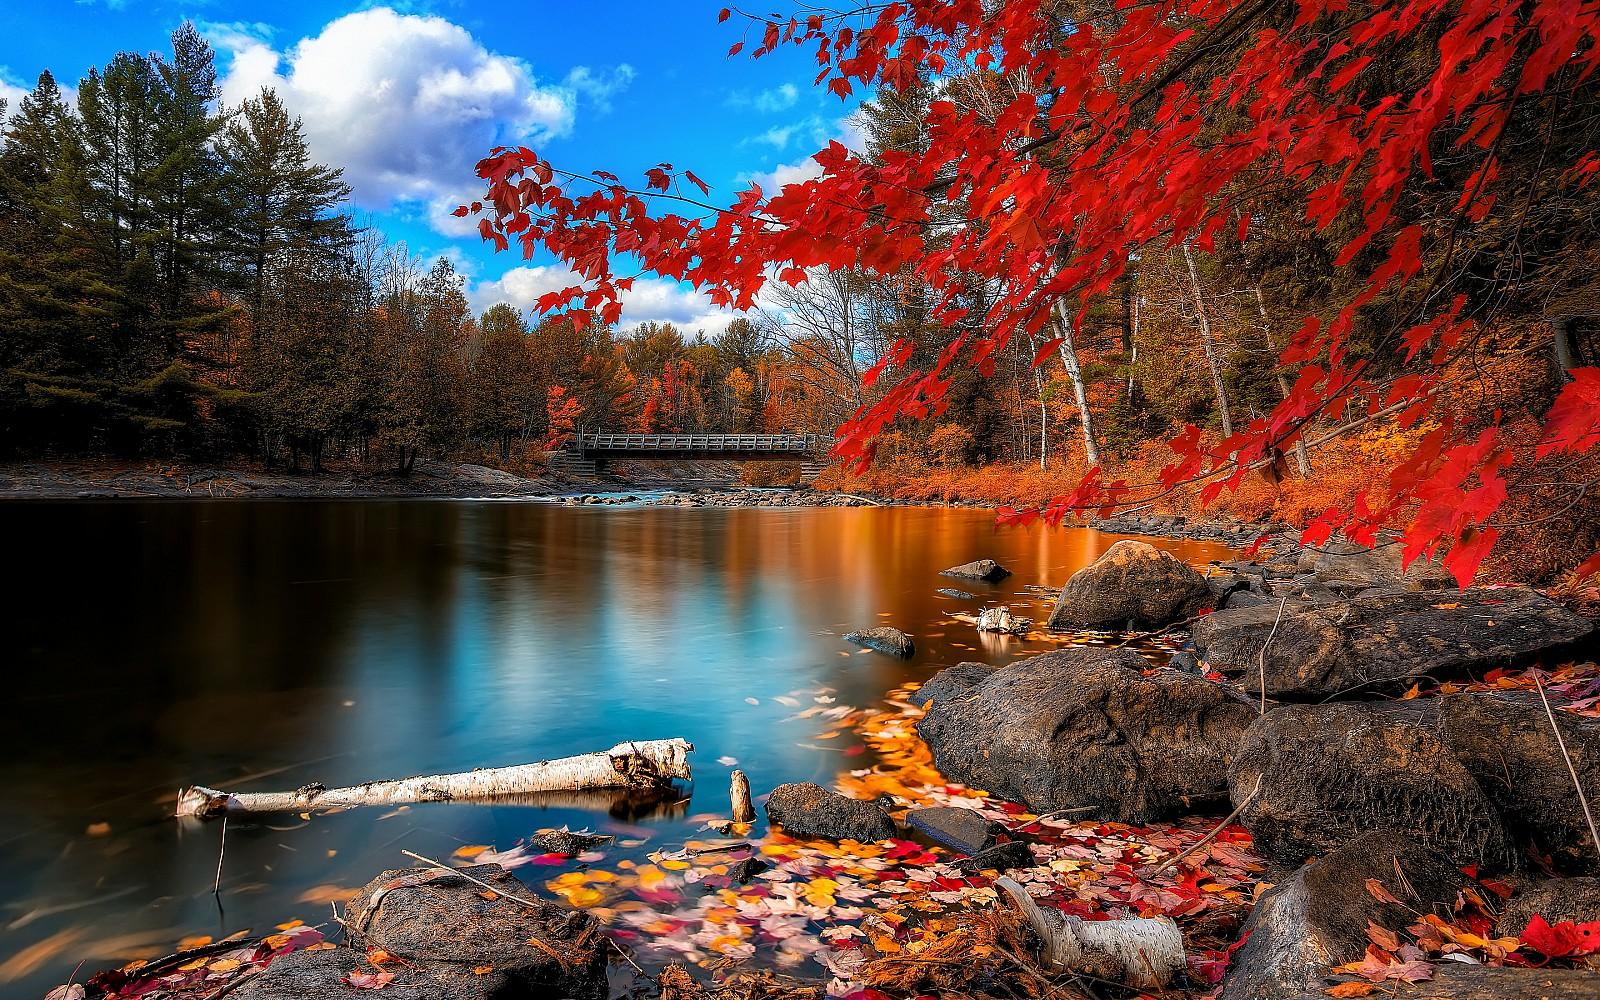 Fall Foliage Desktop Wallpapers | PixelsTalk Net